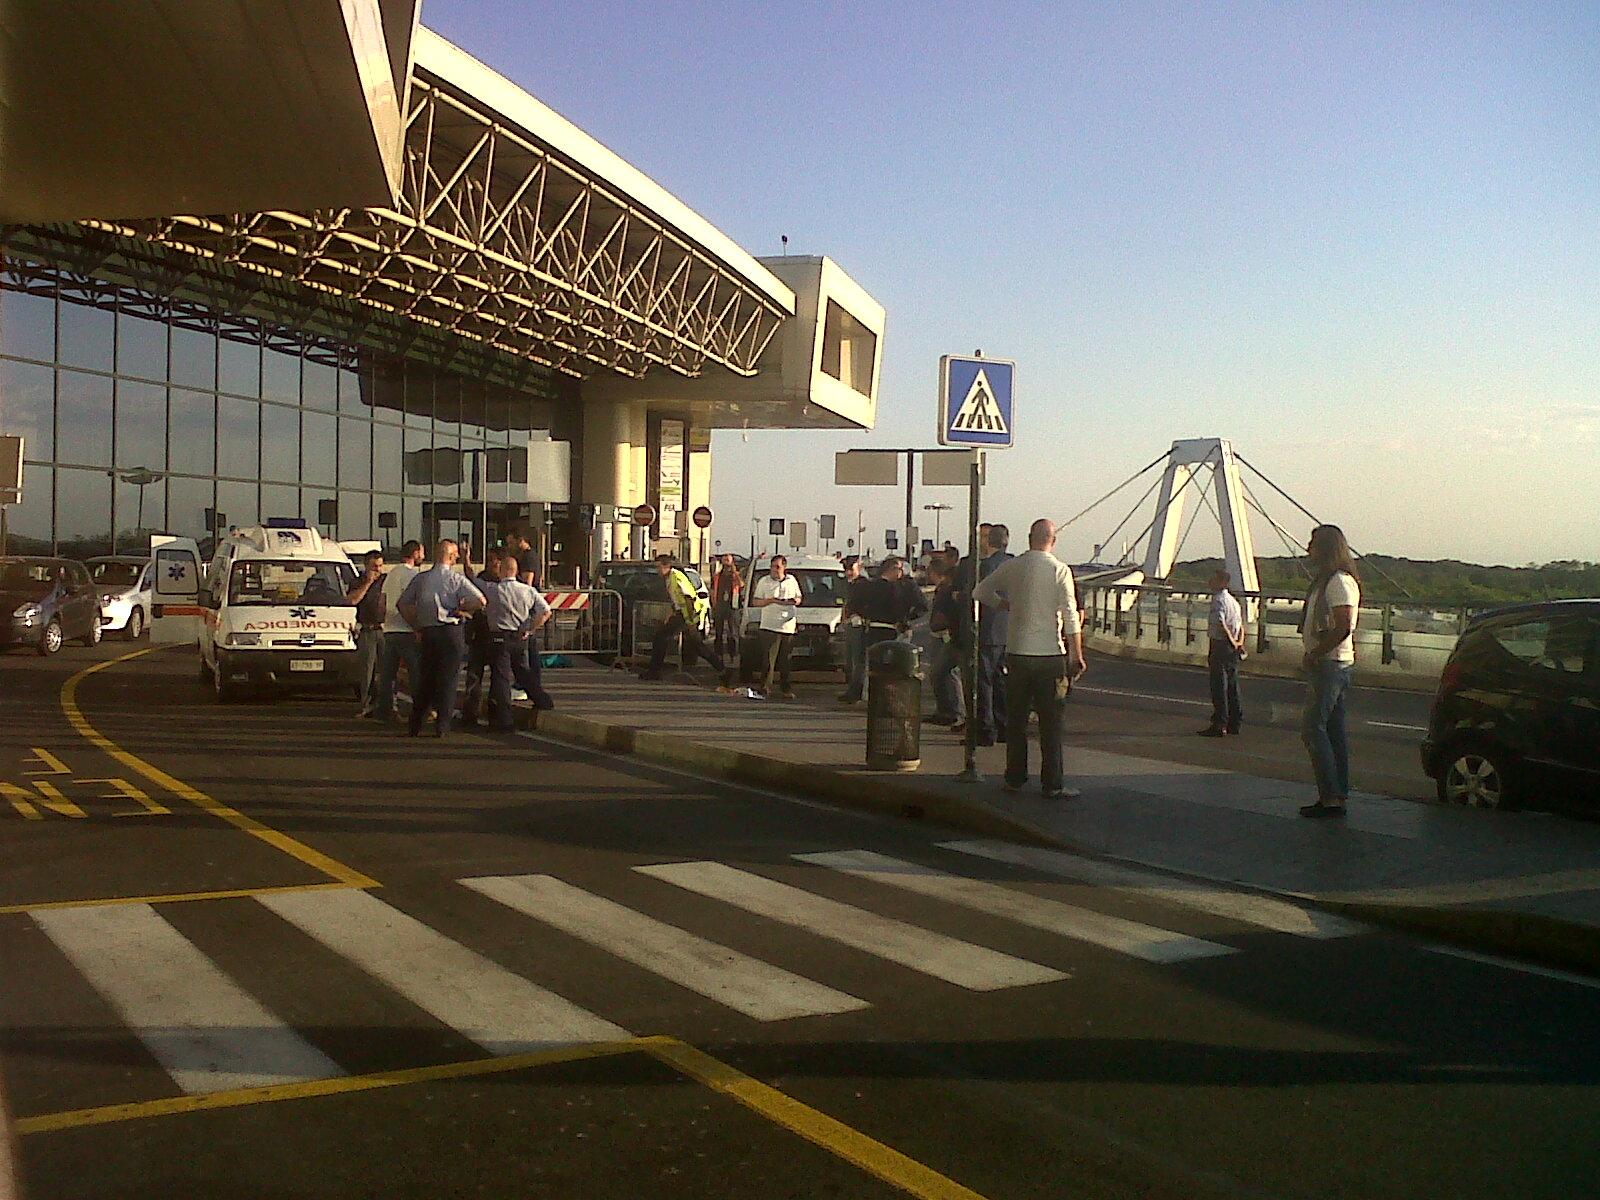 Aeroporto Milano Malpensa : News uomo muore nell aeroporto di malpensa dopo aversi